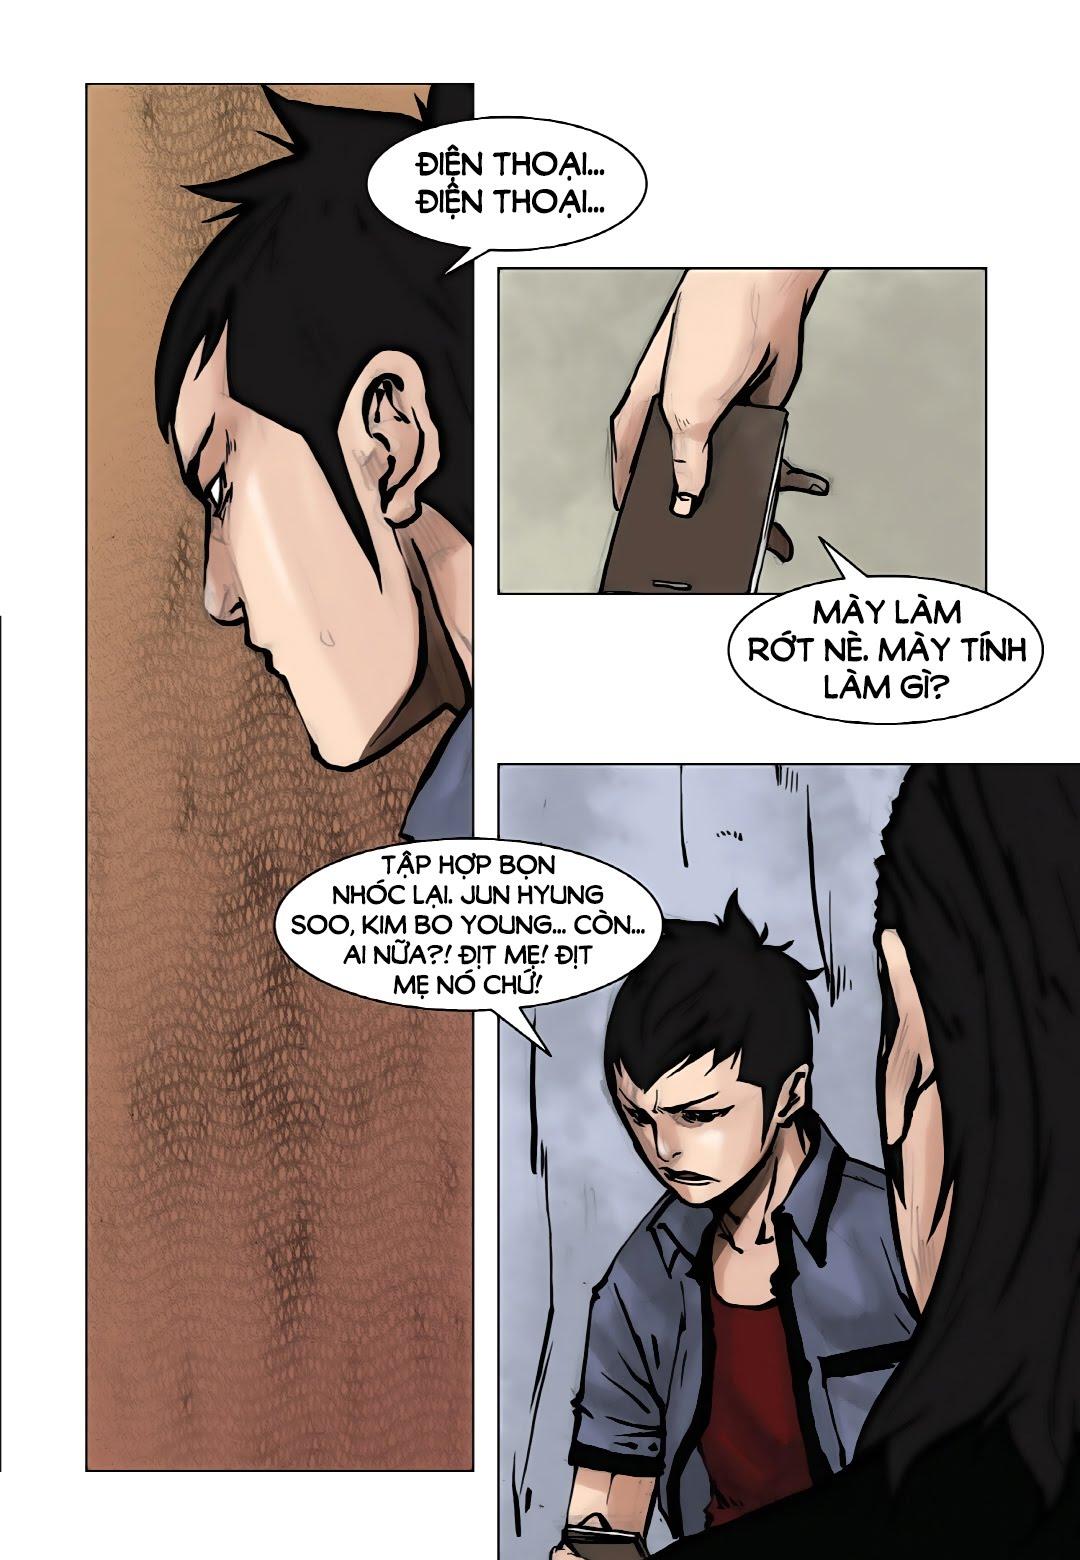 Tong | Tổng trang 13